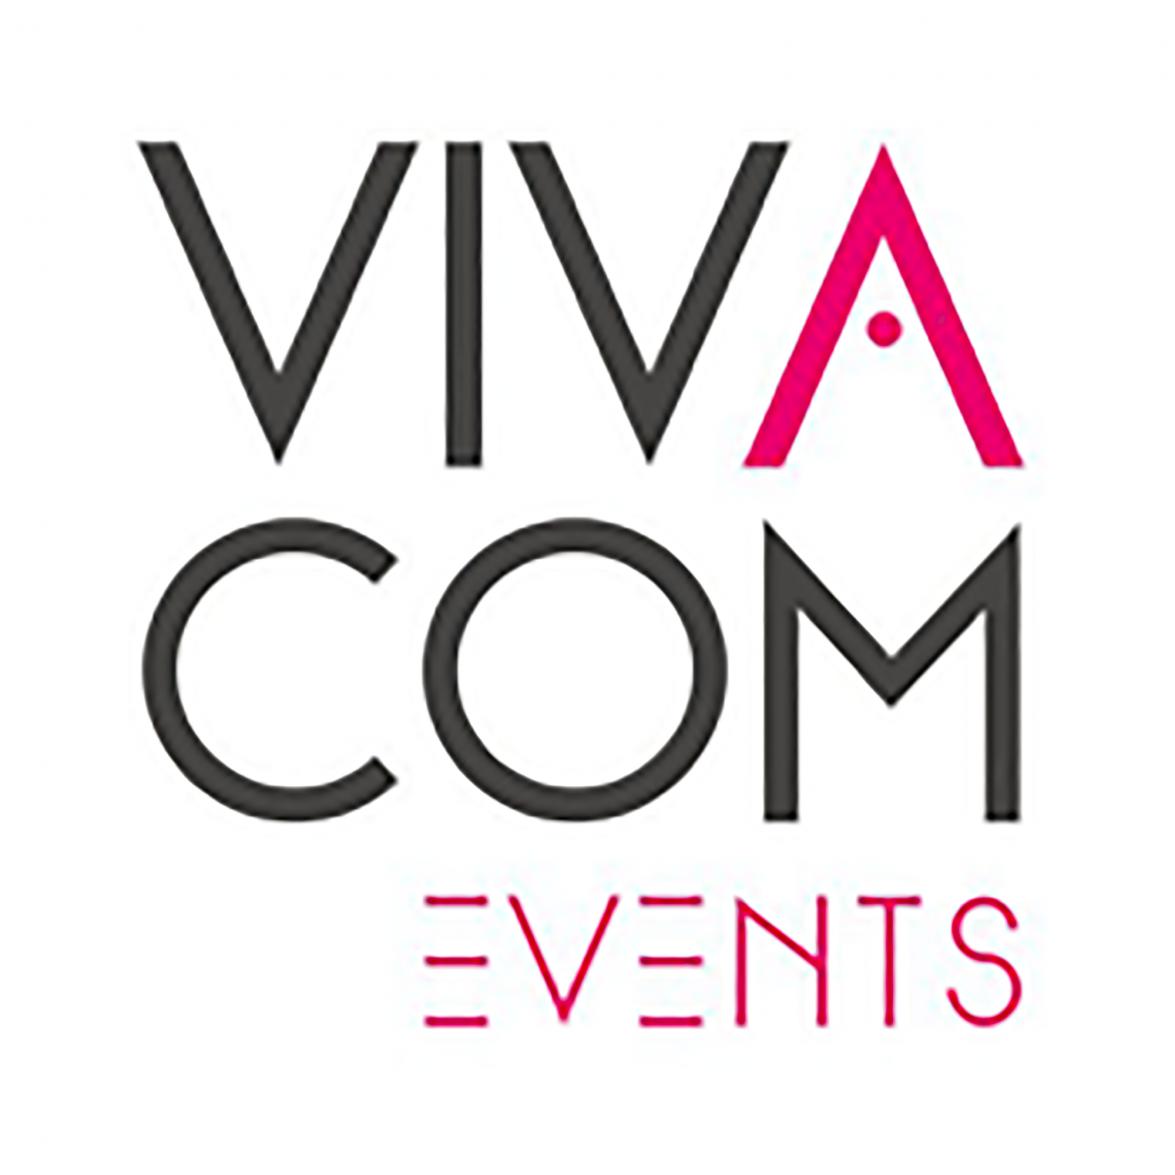 Angèle Von kiss - Mes clients - VIVACOM EVENTS